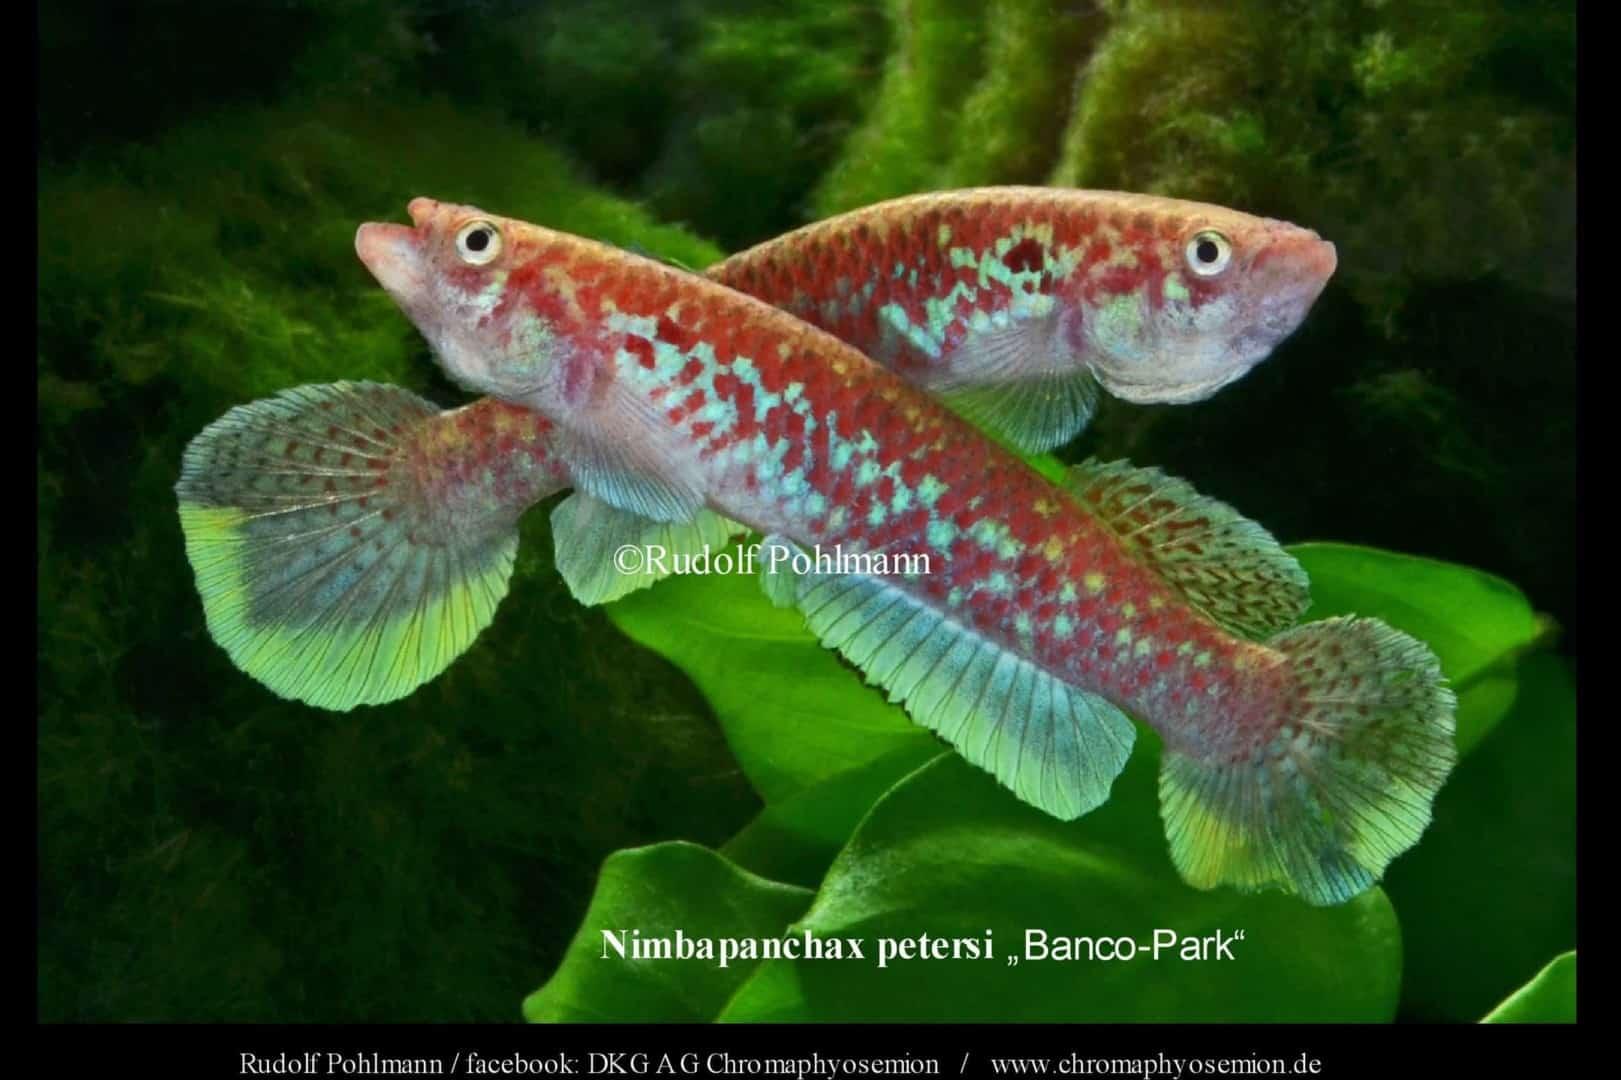 Nimbapanchax petersi 2